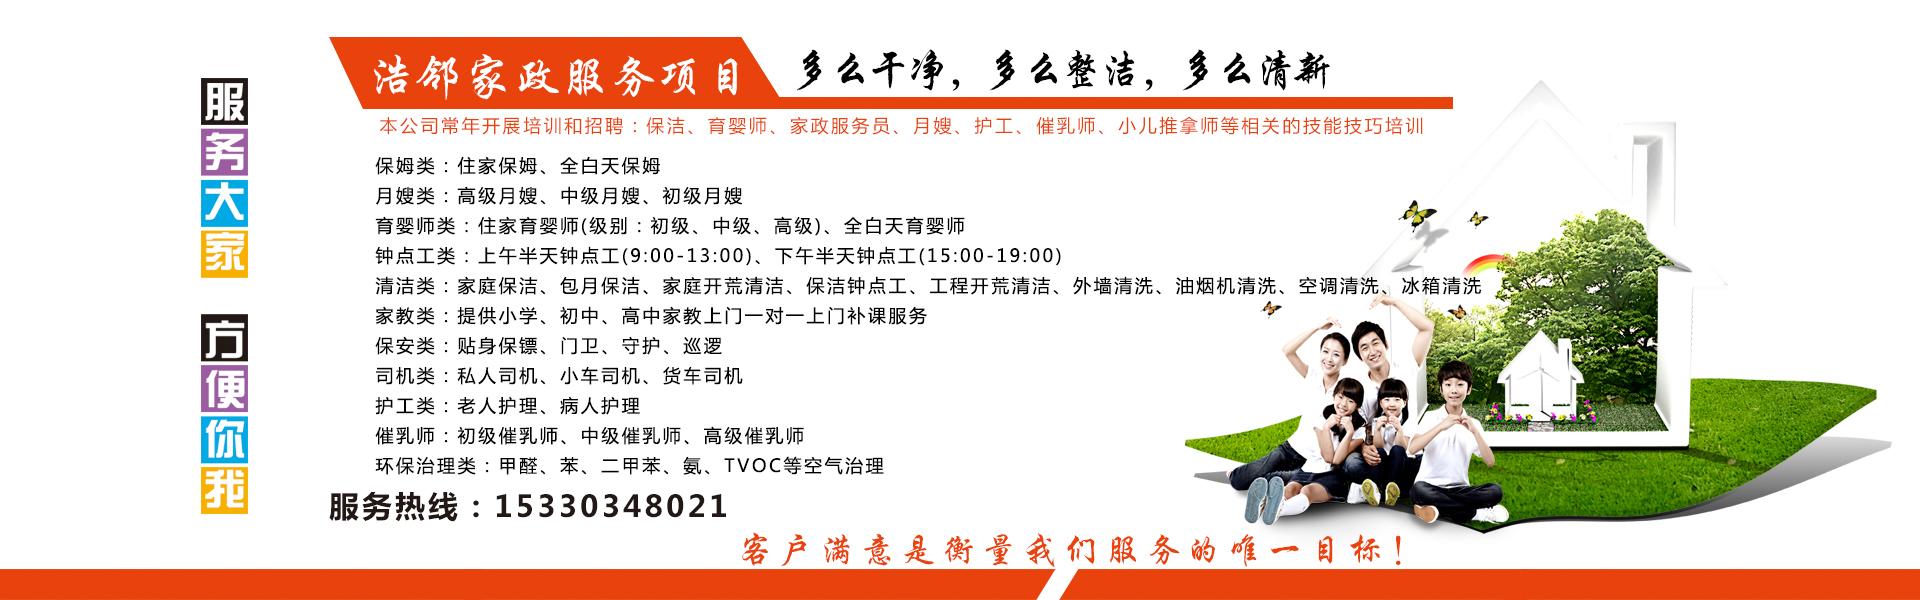 重庆家政公司产品分类:保姆,月嫂,育婴师,司机,保镖,钟点工,清洁,空气治理